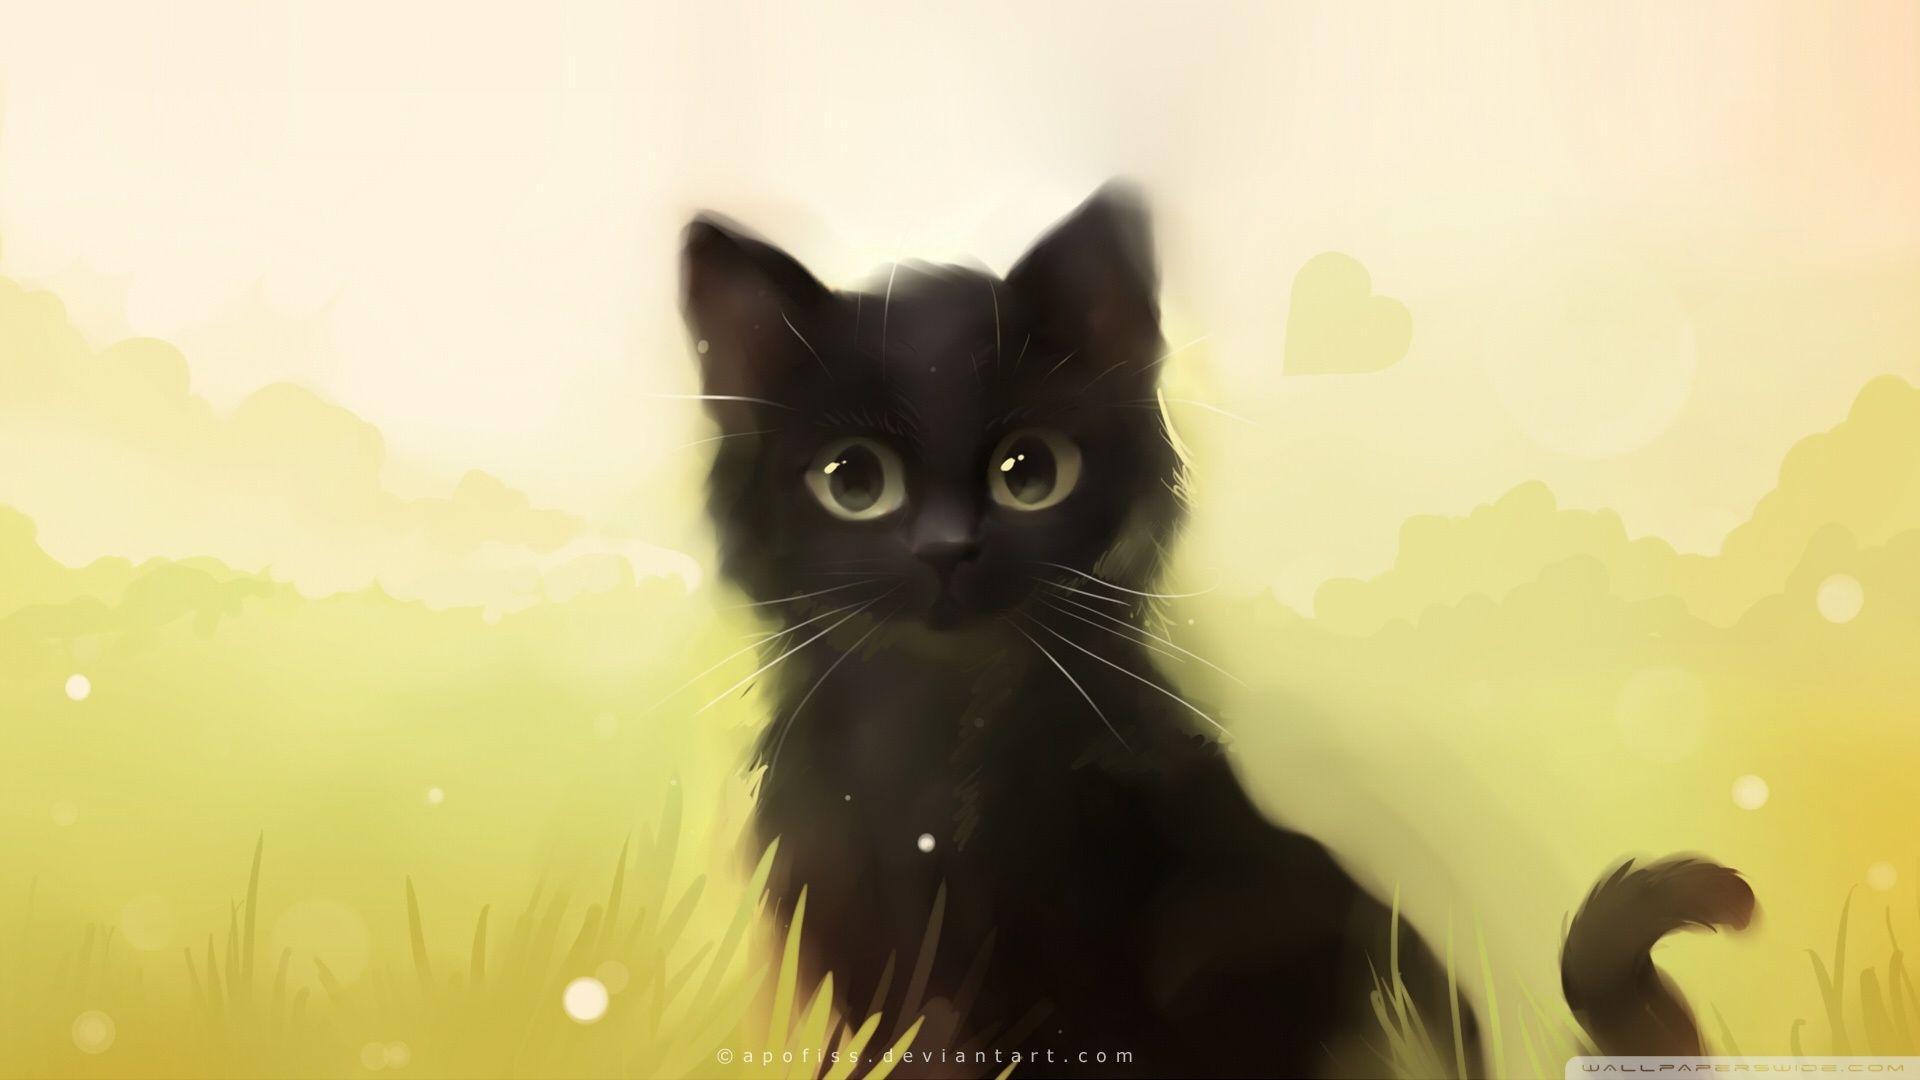 animated cat desktop wallpapers top